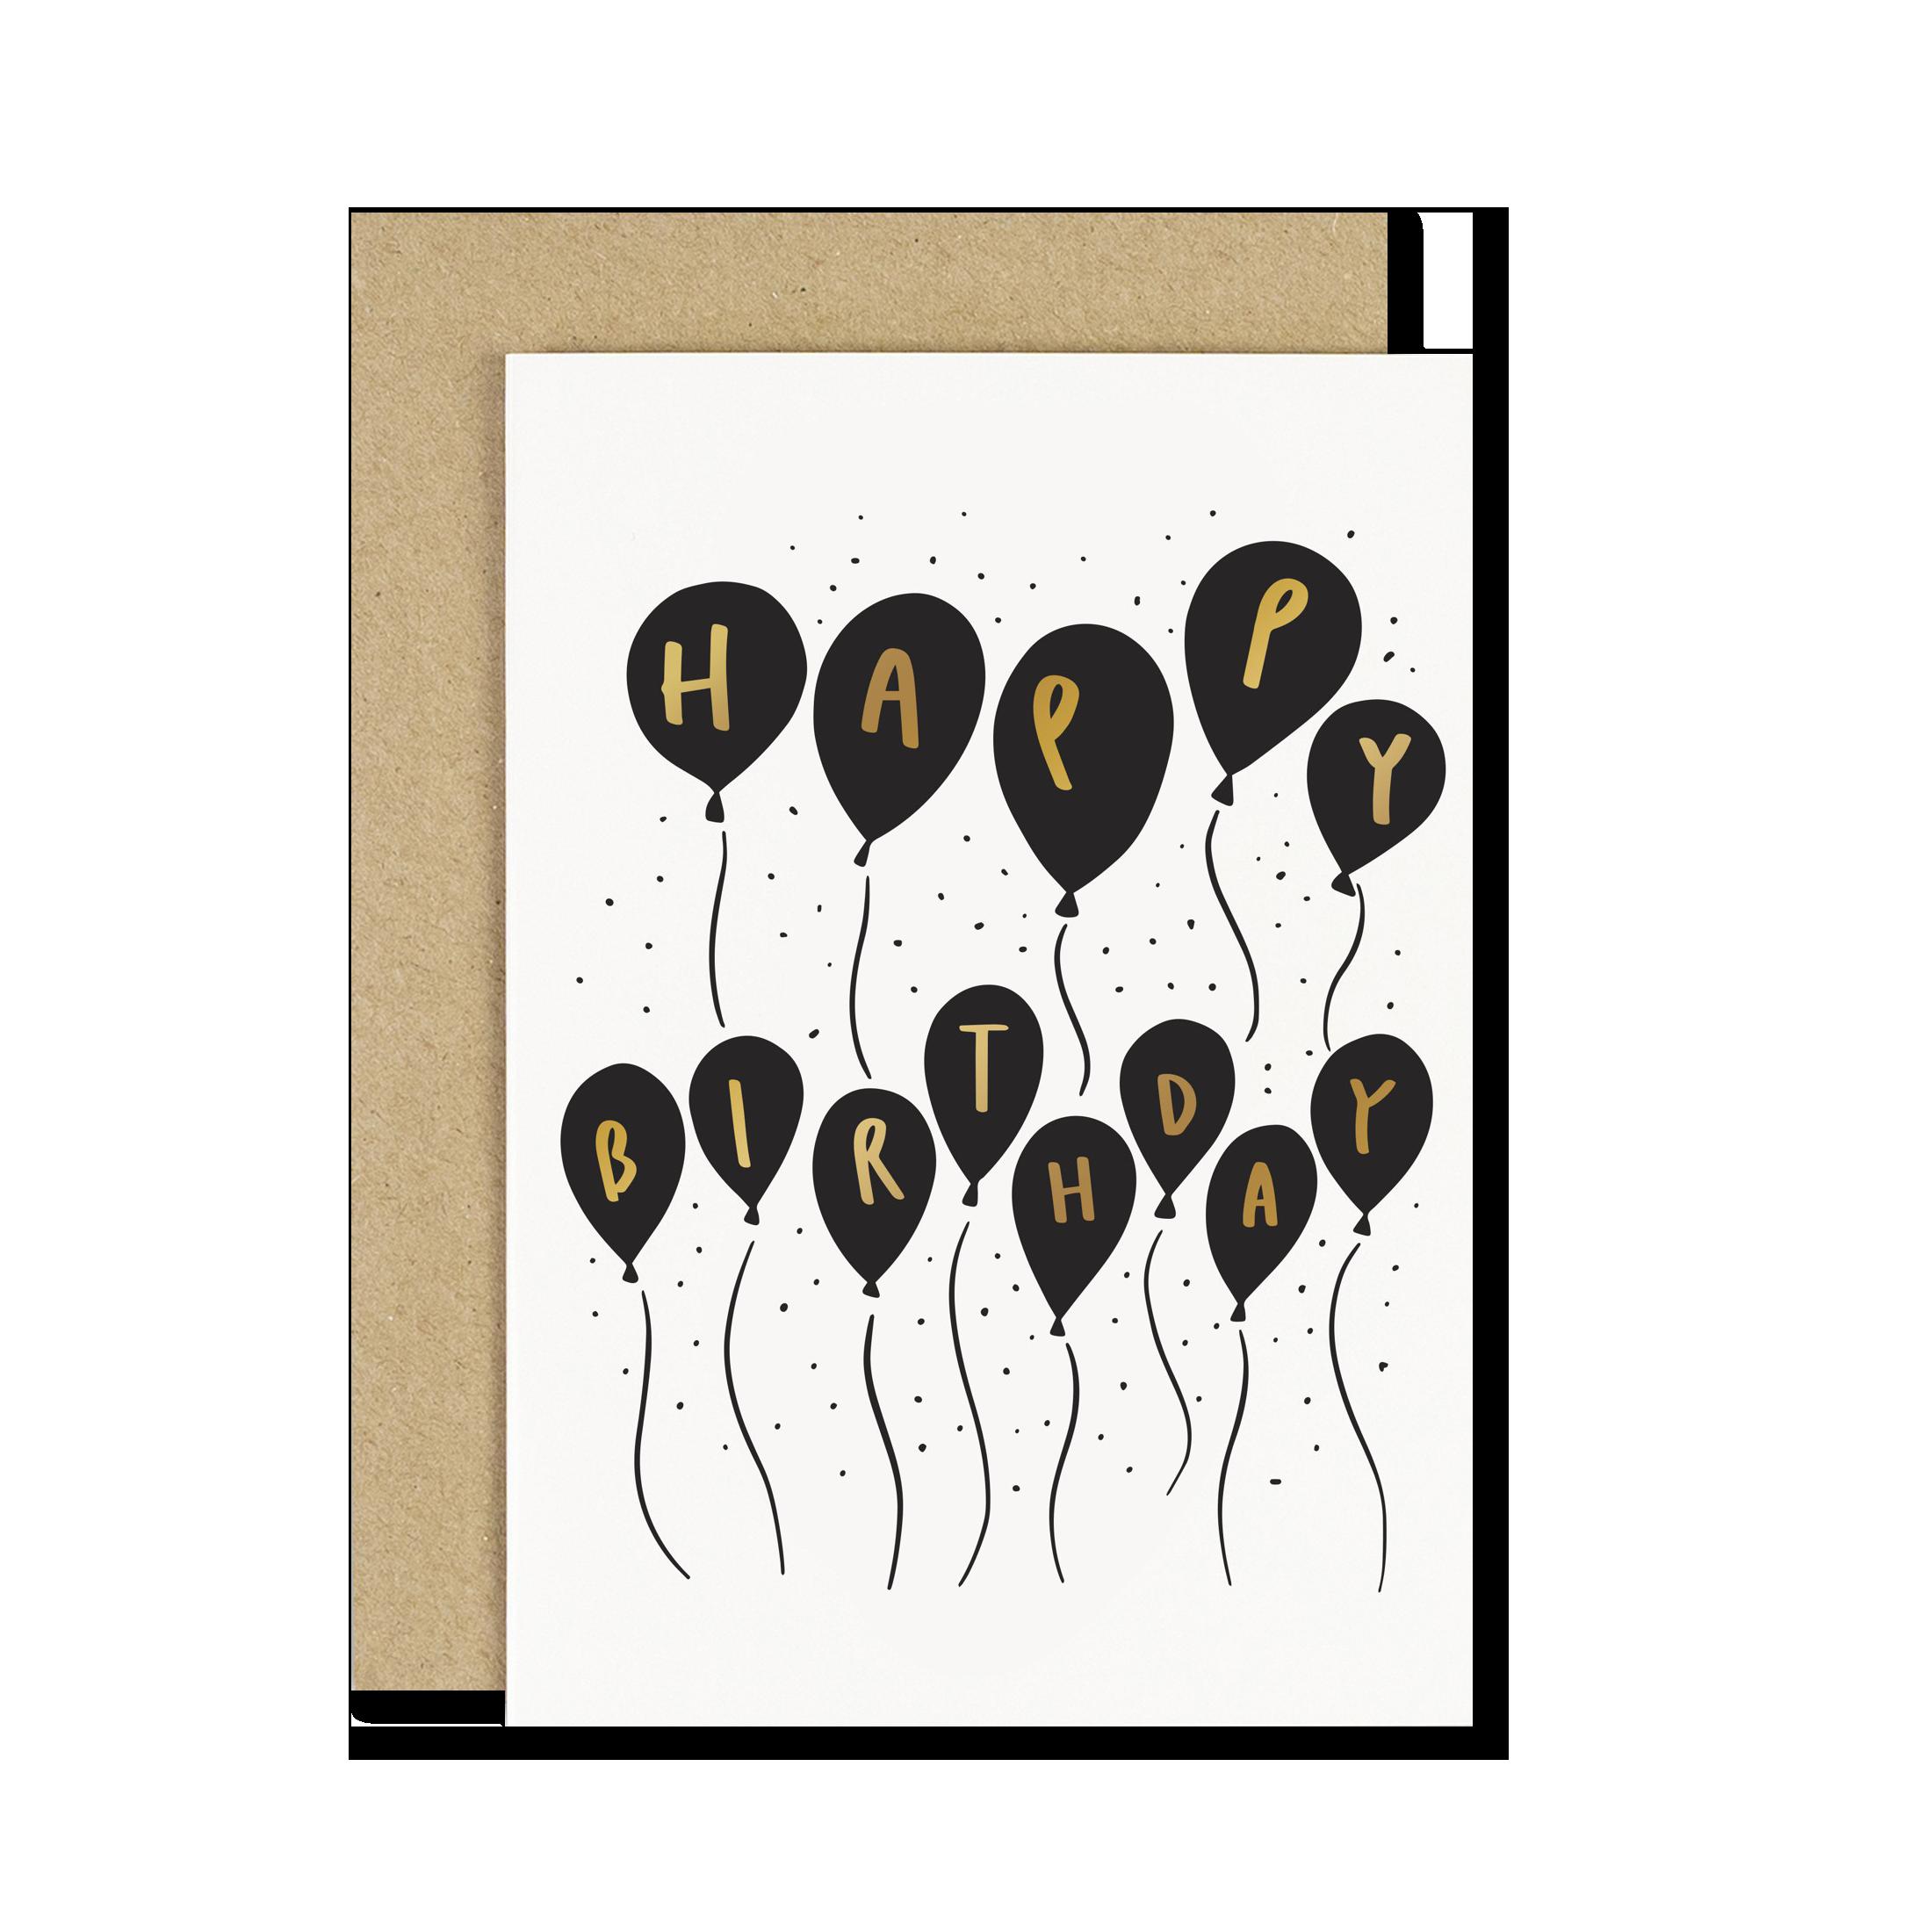 Happy Birthday Small Balloons